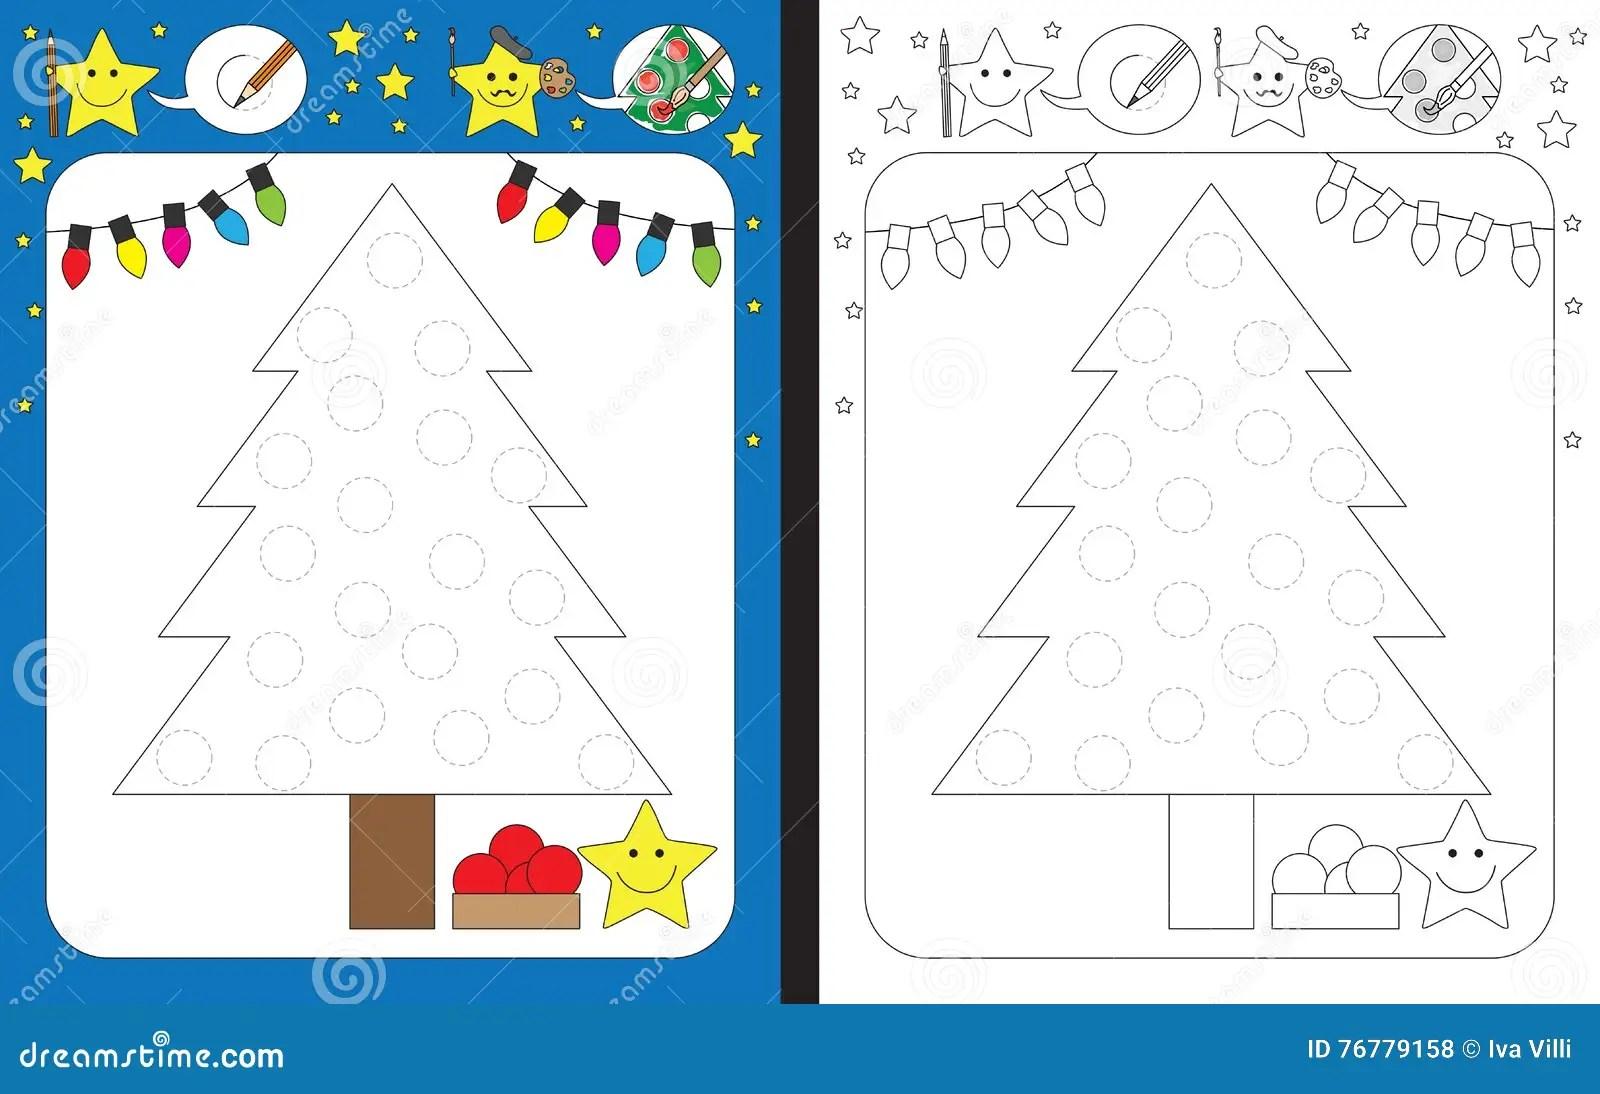 Preschool Worksheet Stock Vector Illustration Of Star